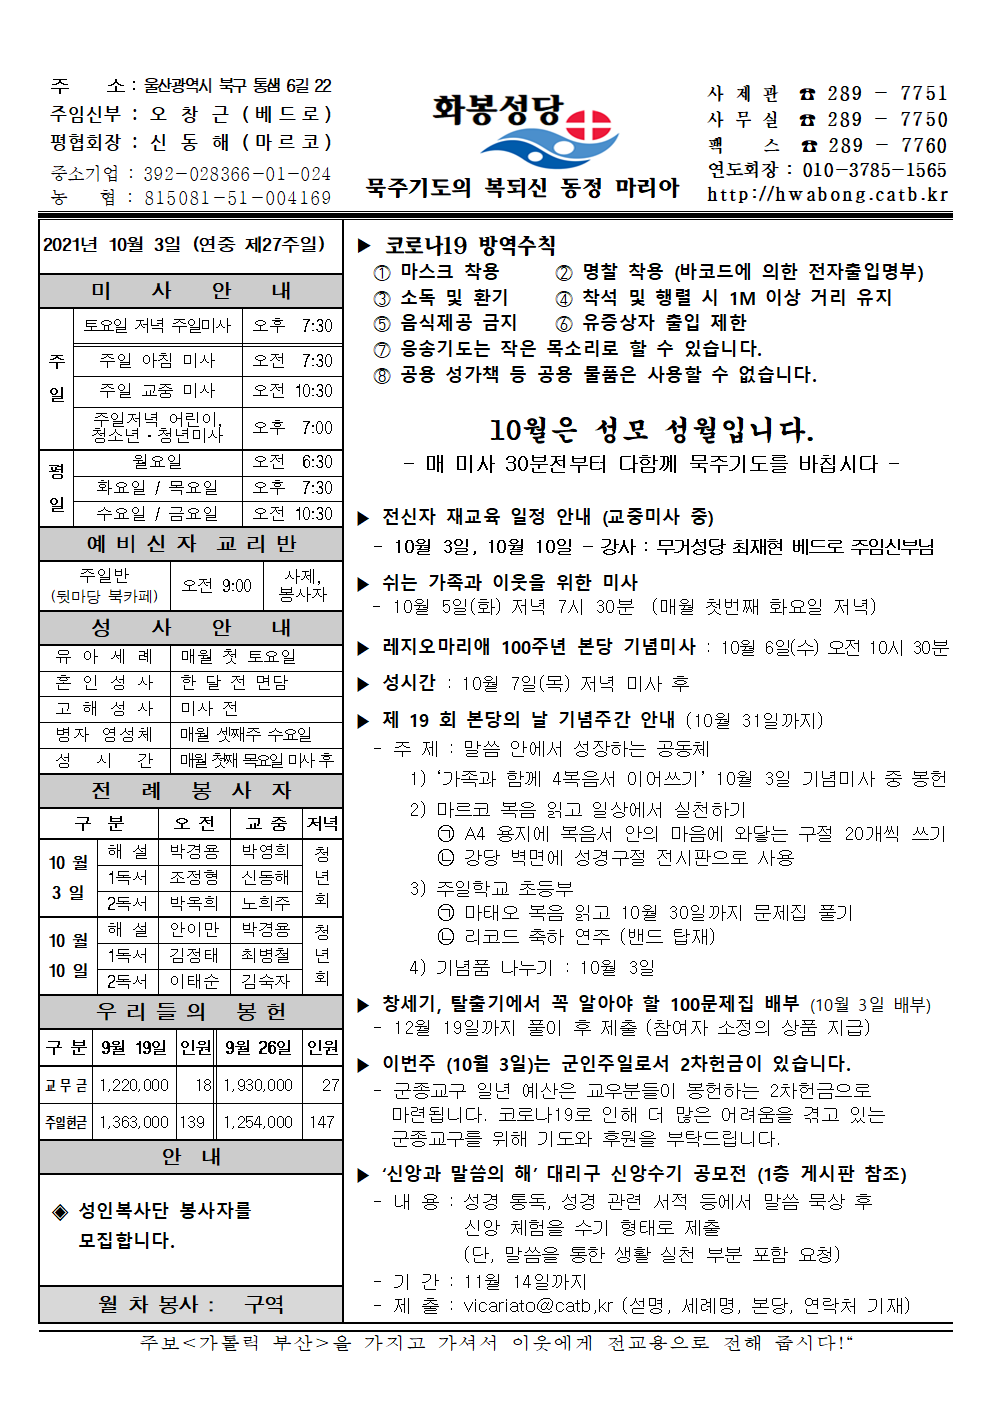 화봉성당 20211003 주보.png